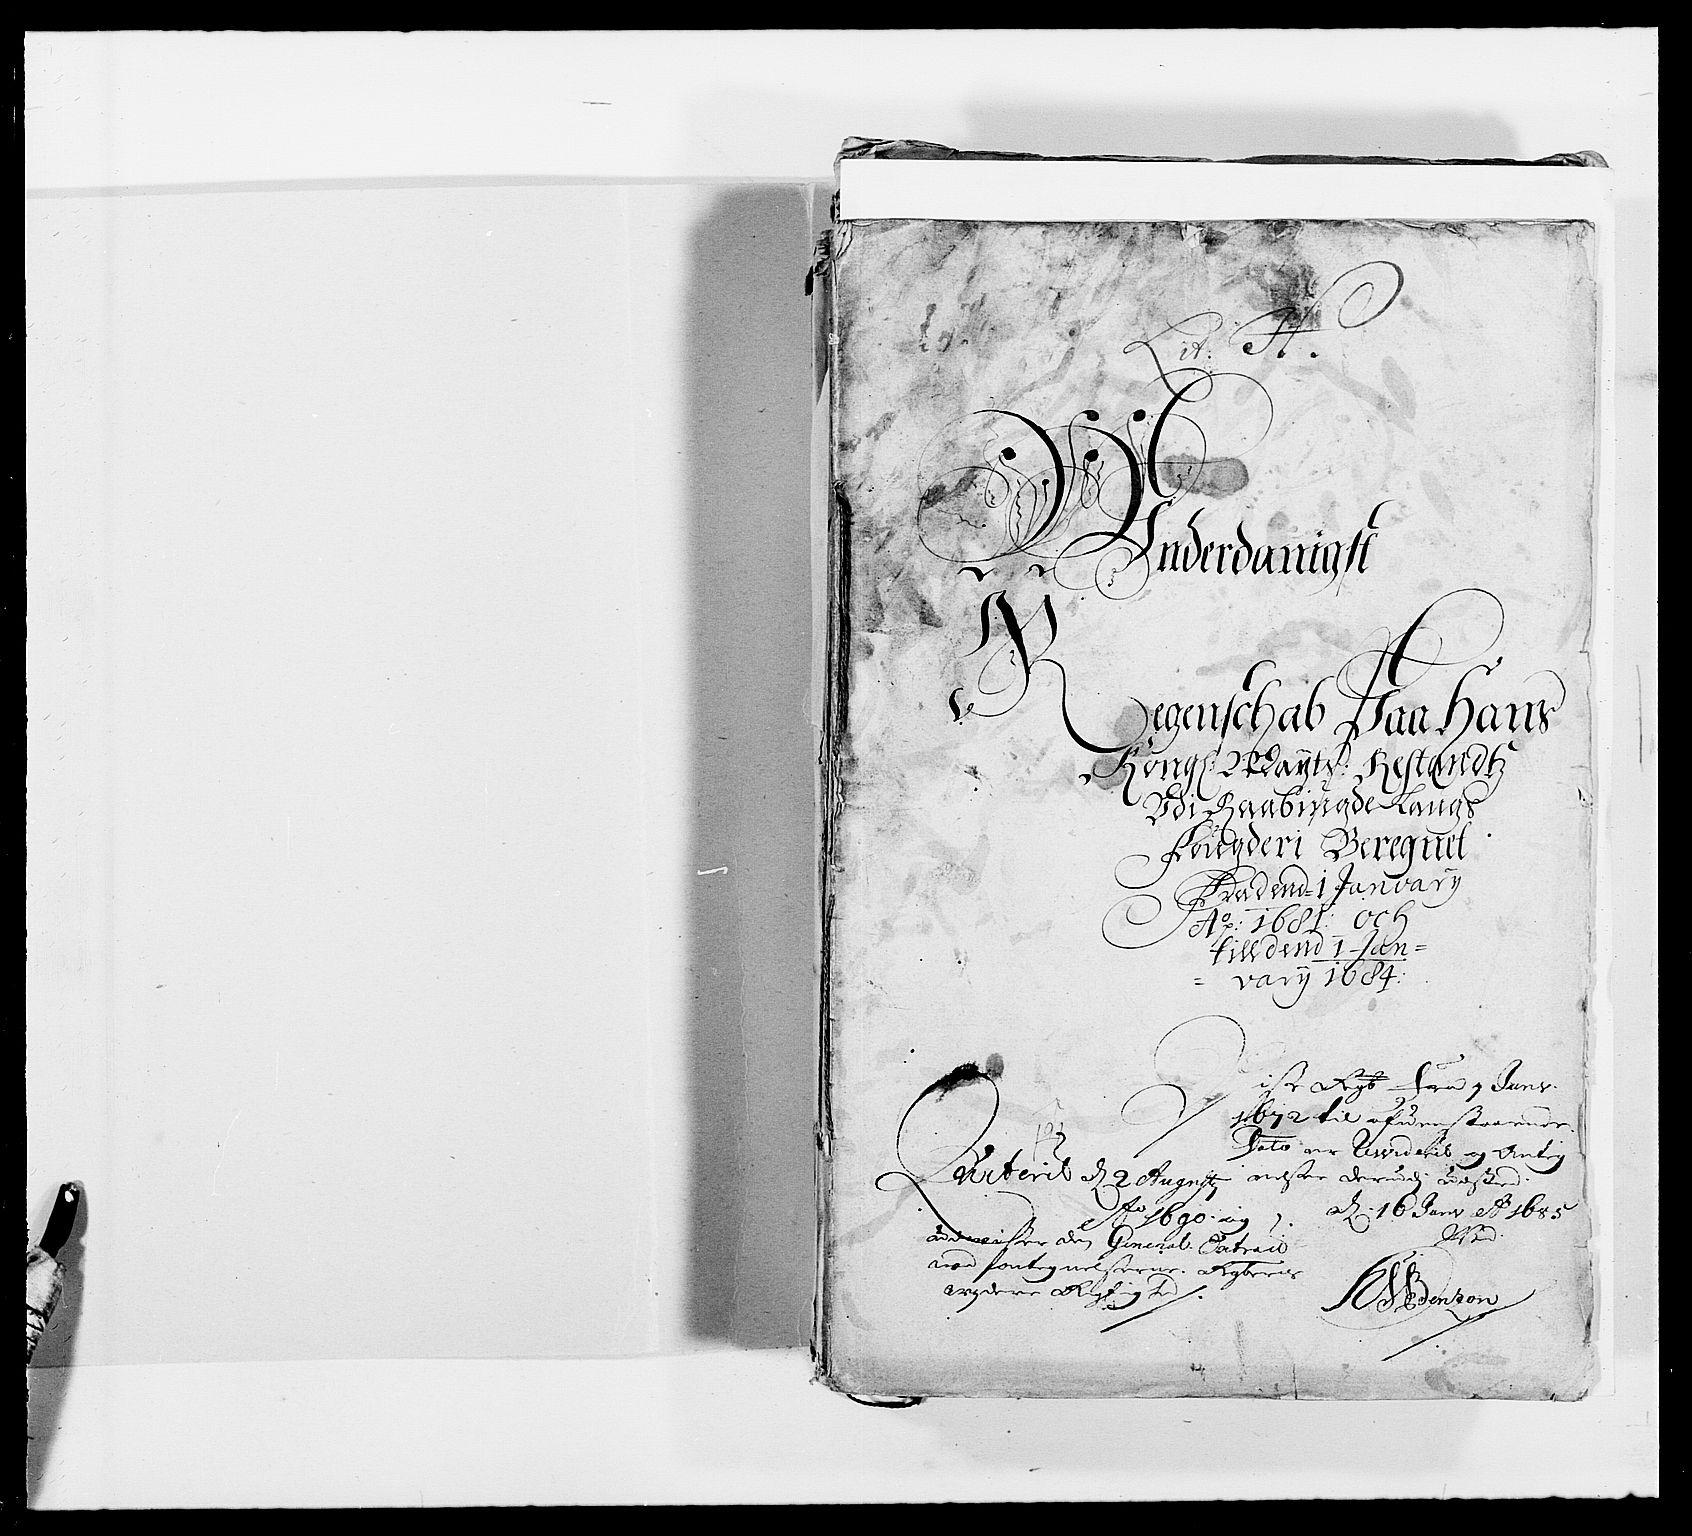 RA, Rentekammeret inntil 1814, Reviderte regnskaper, Fogderegnskap, R40/L2441: Fogderegnskap Råbyggelag, 1688, s. 111